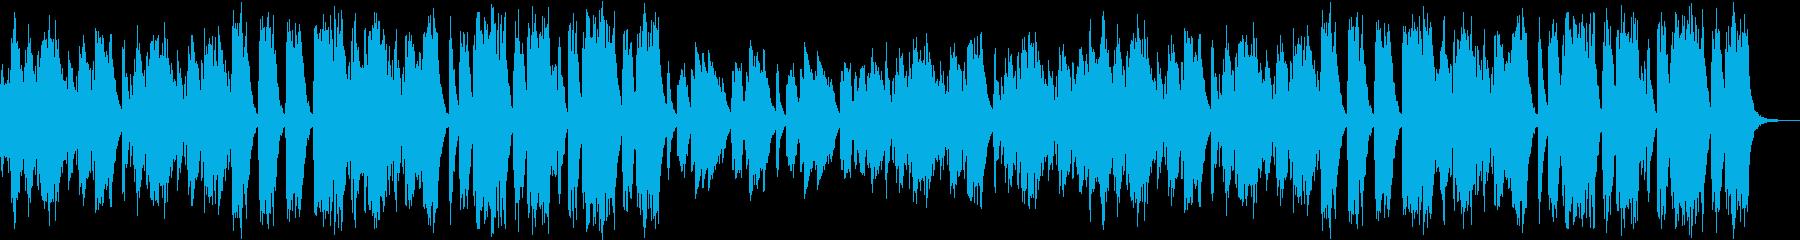 怖いけどコミカルなゲームオーケストラの再生済みの波形